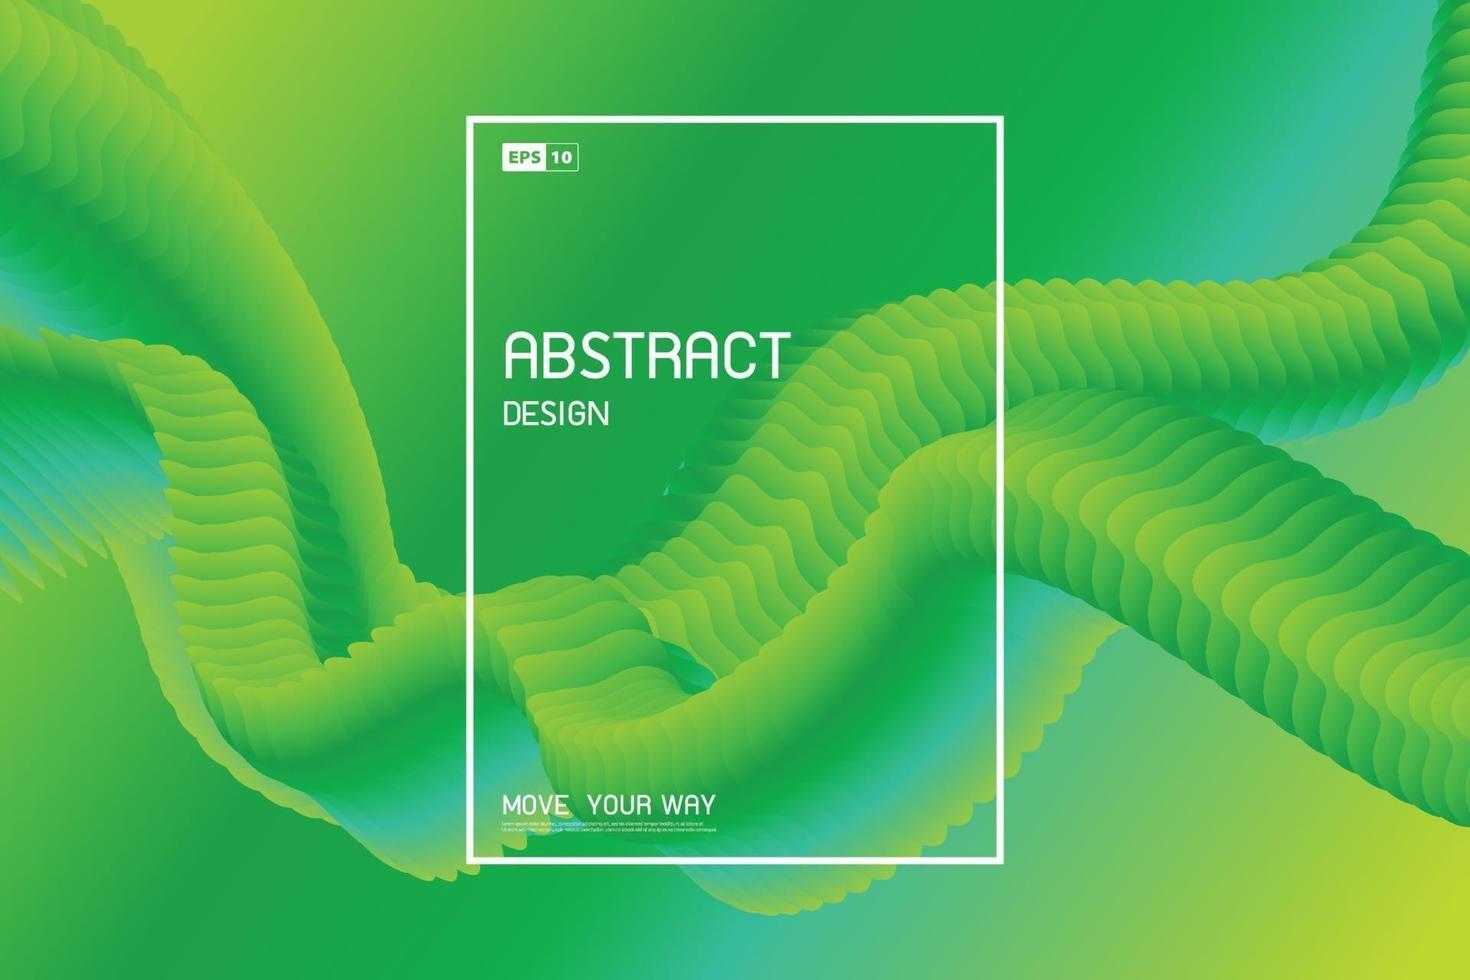 disegno astratto del modello ondulato fluido verde sfumato dello sfondo di opere d'arte decorative. illustrazione vettoriale